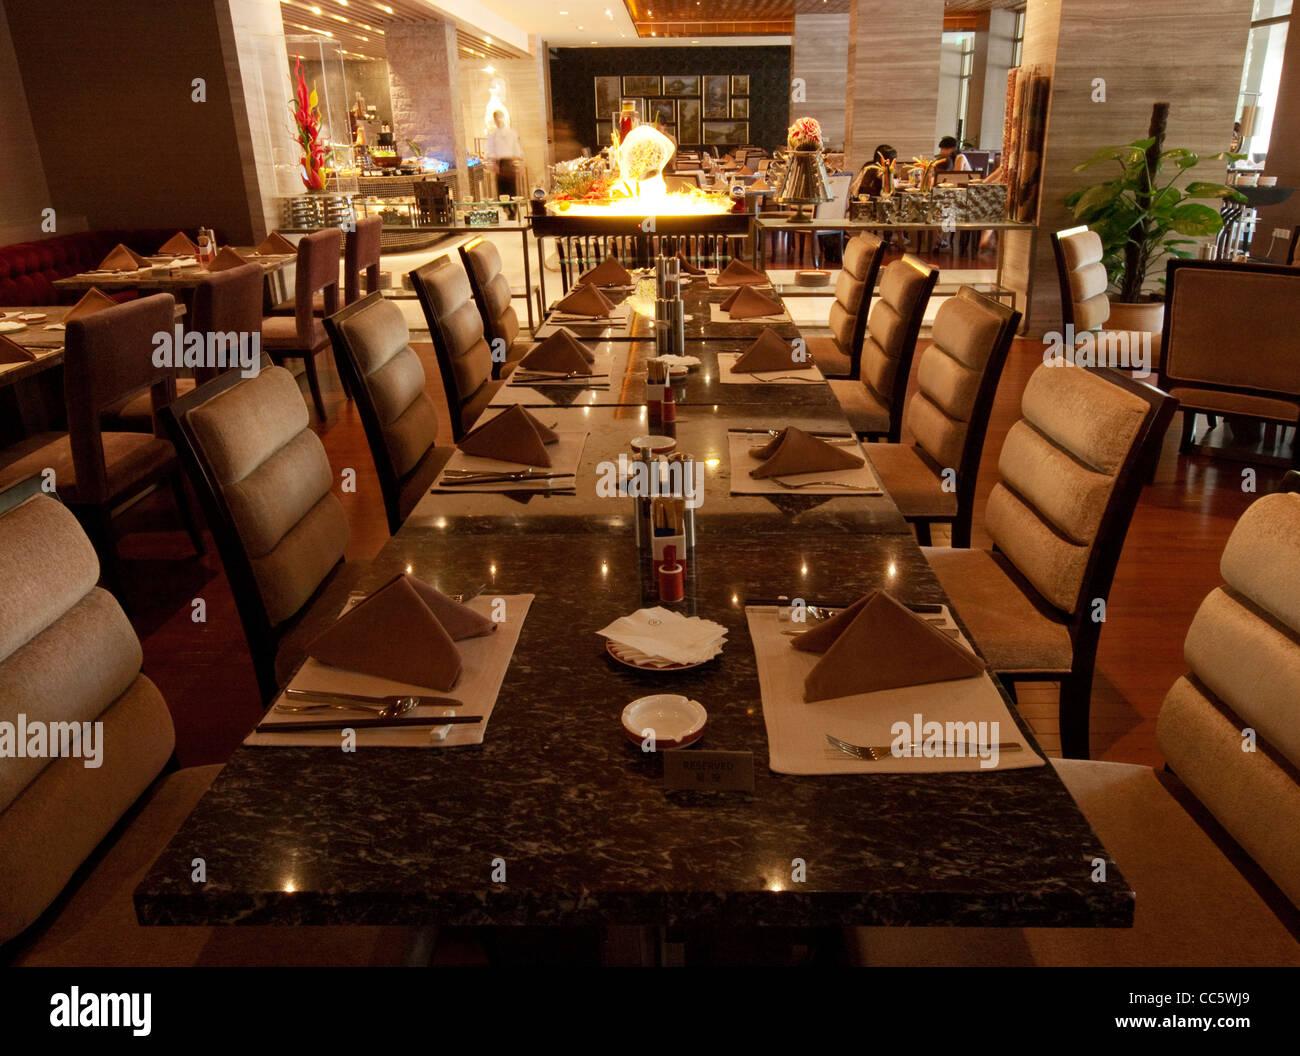 Dining Table In Buffet Restaurant Sofitel Dongguan Royal Lagoon Guangdong China